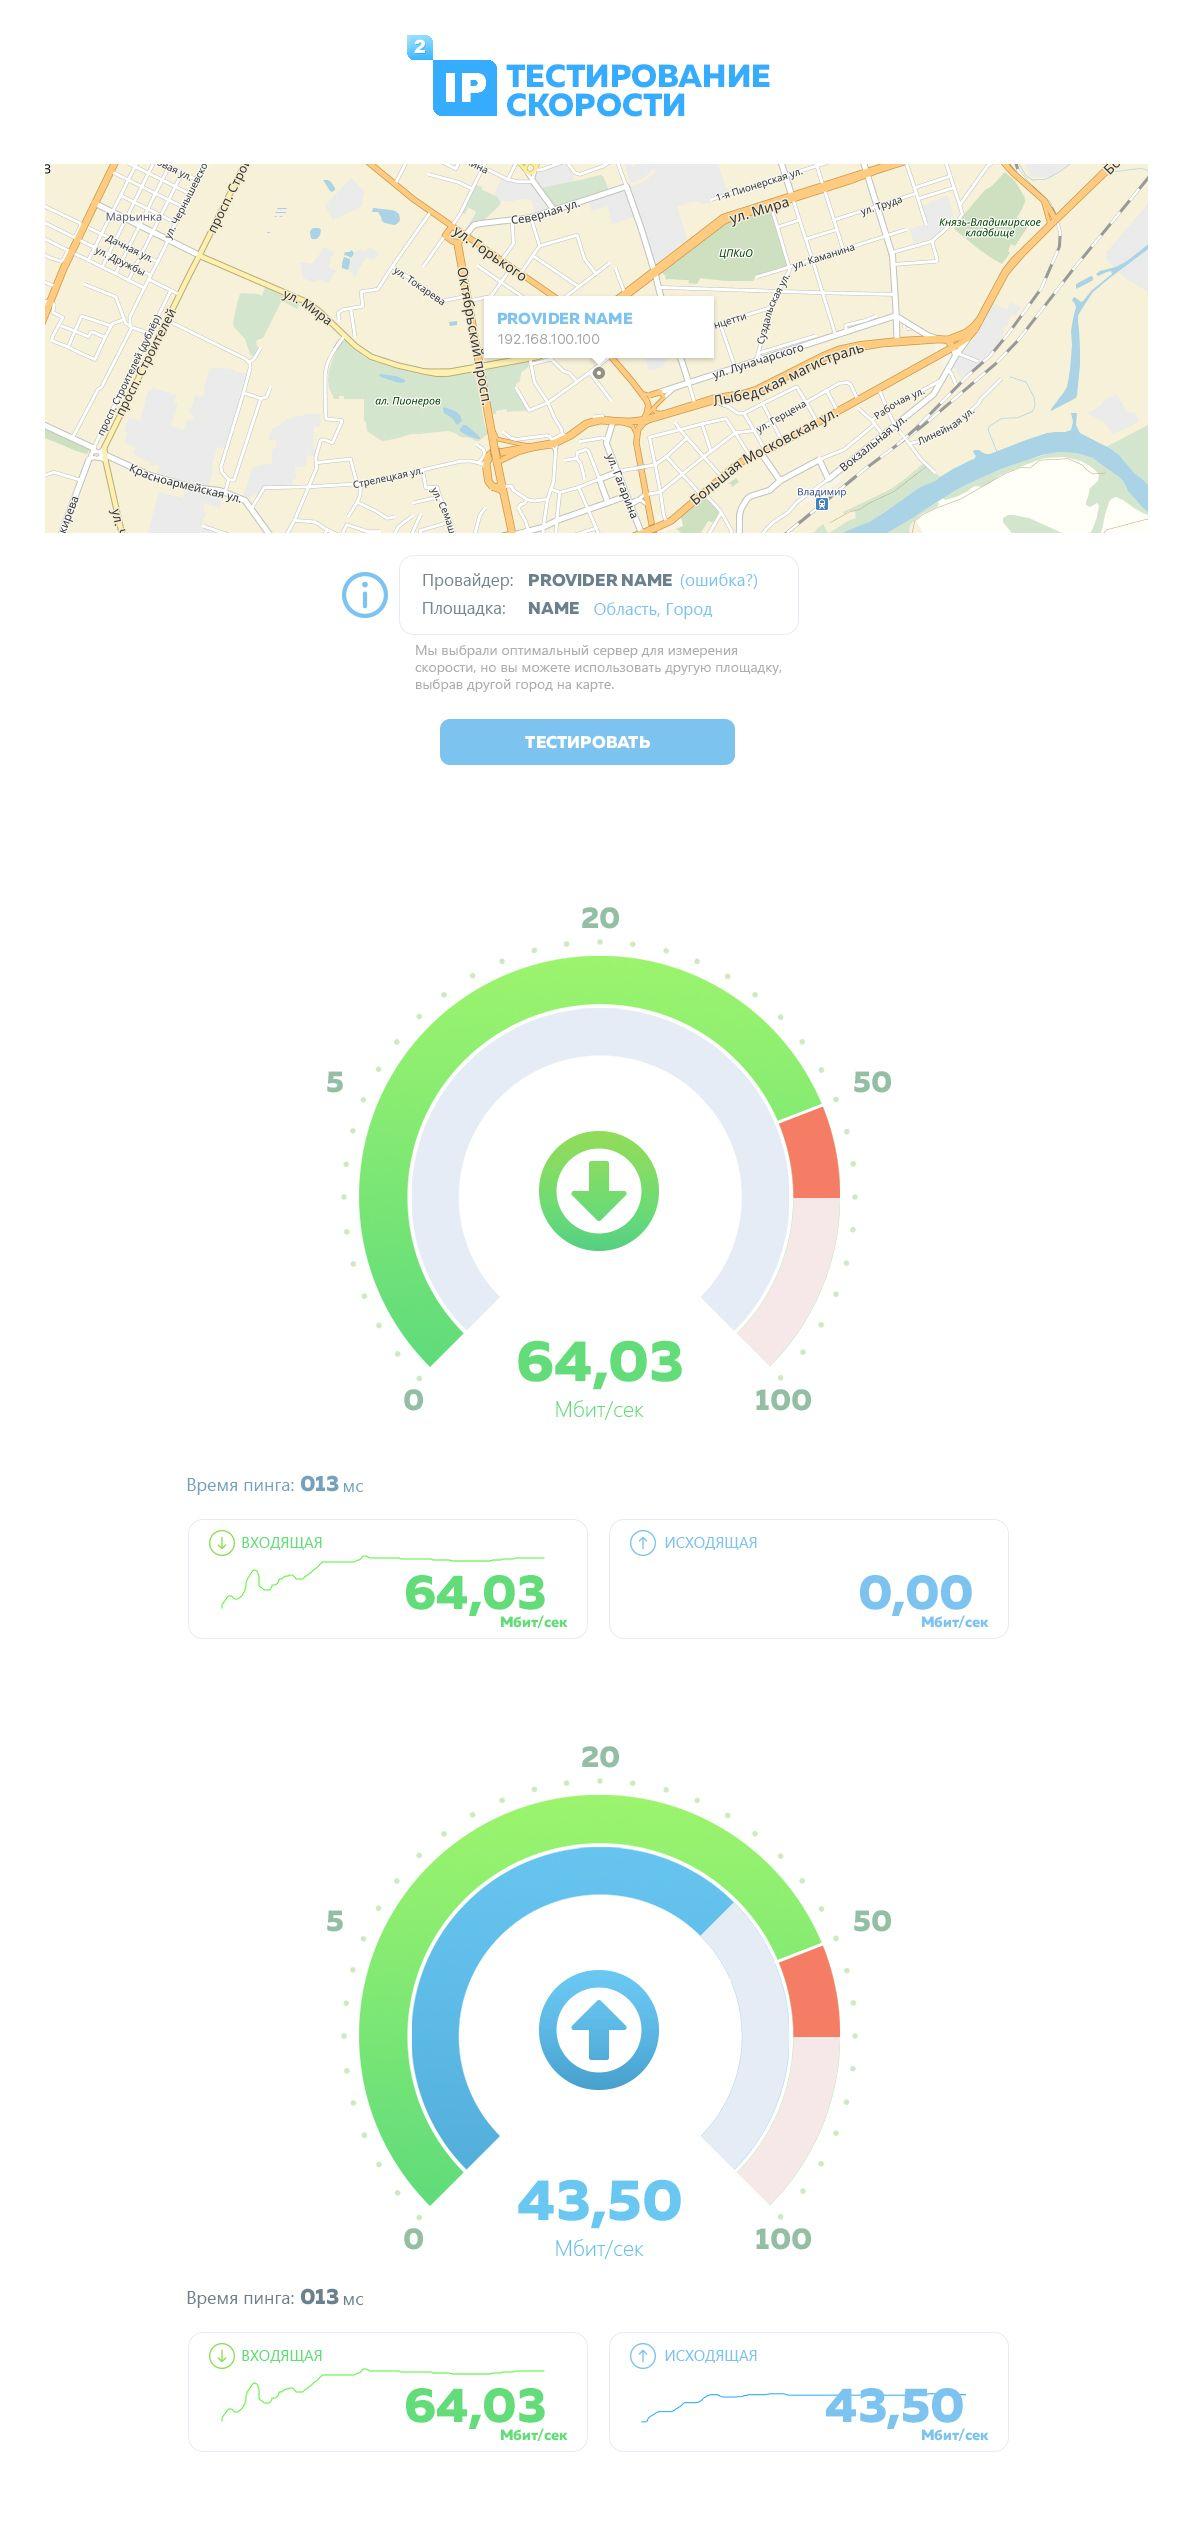 Измеритель скорости интернет соединения  - дизайнер Devolist